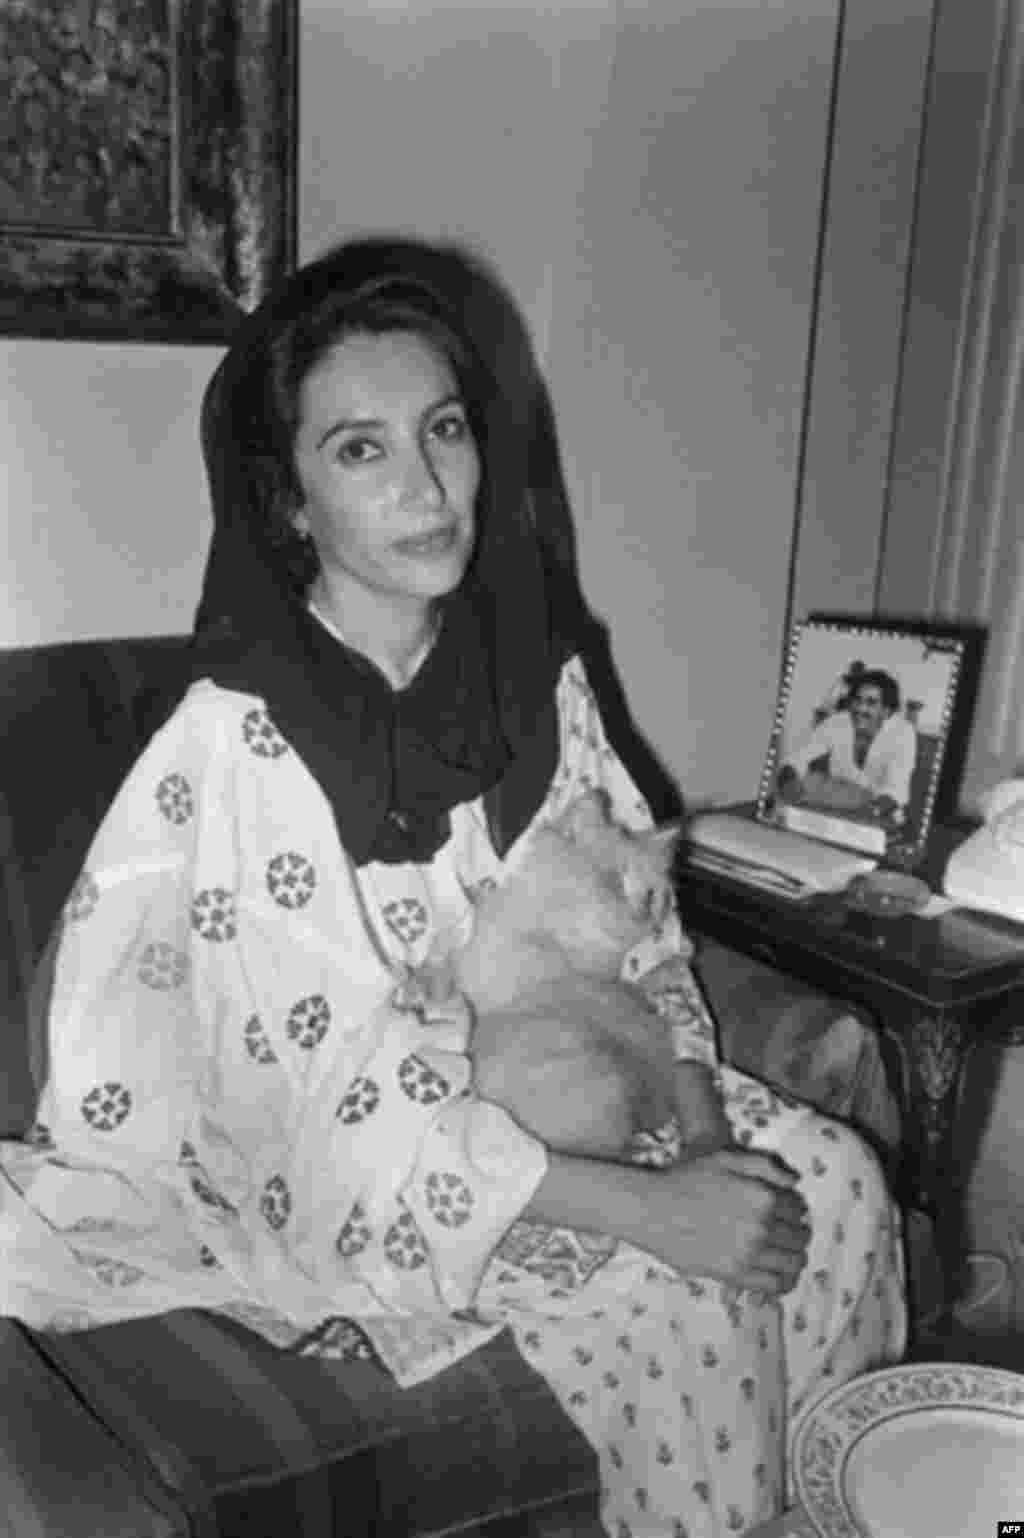 بی نظیر بوتو در سال 86 میلادی و ساعتی پس از آزادی به همراه گربه اش «چارلی». او در این سال به مبارزات خود ادامه داد و در سال 88 به عنوان نخستین زن در جهان اسلام، به نخست وزیری رسید.